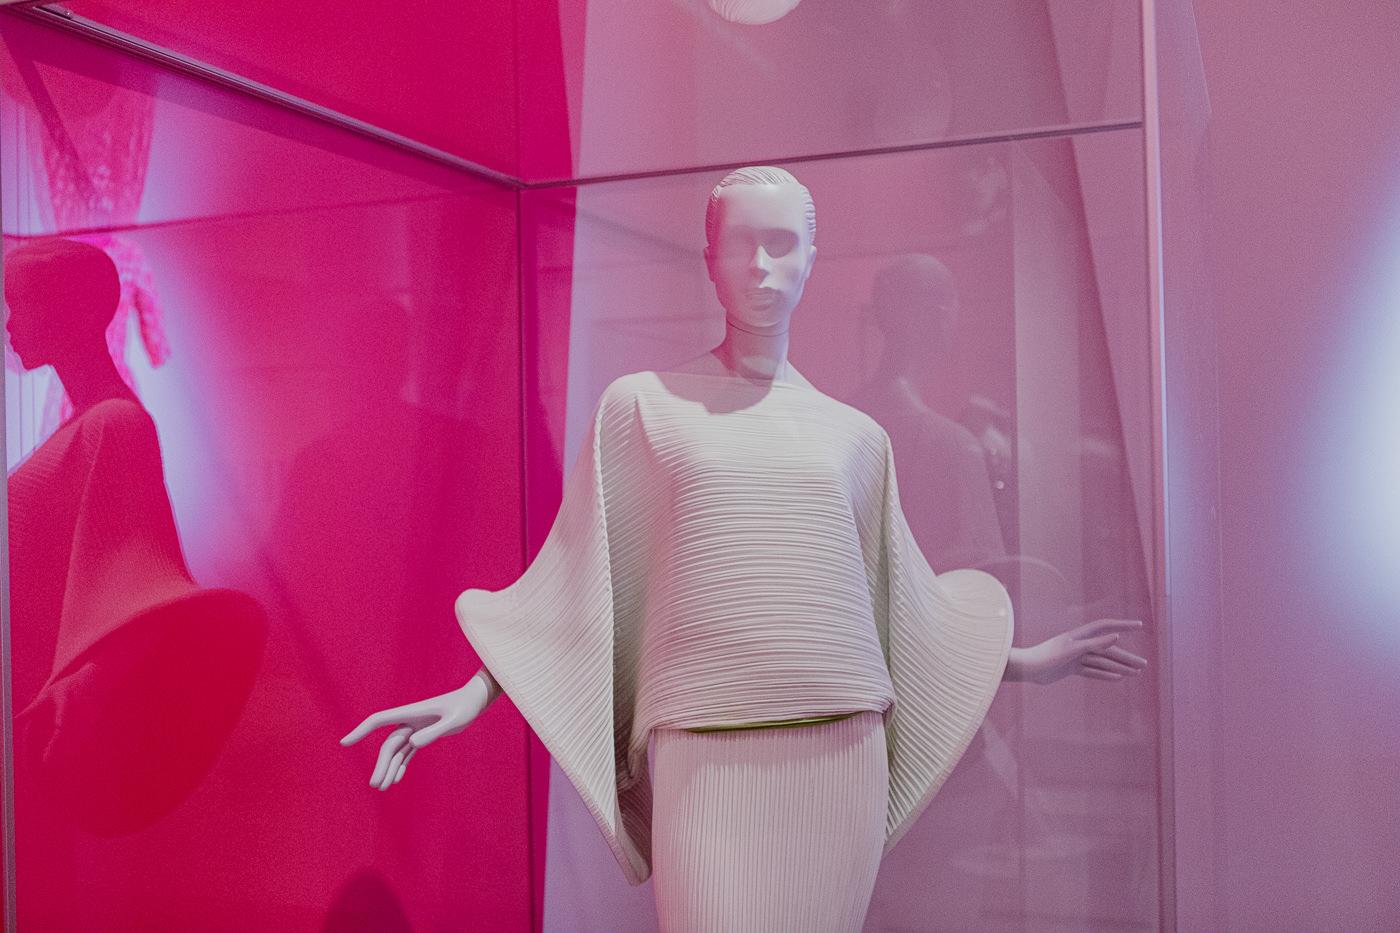 balenciaga-inspired outfit